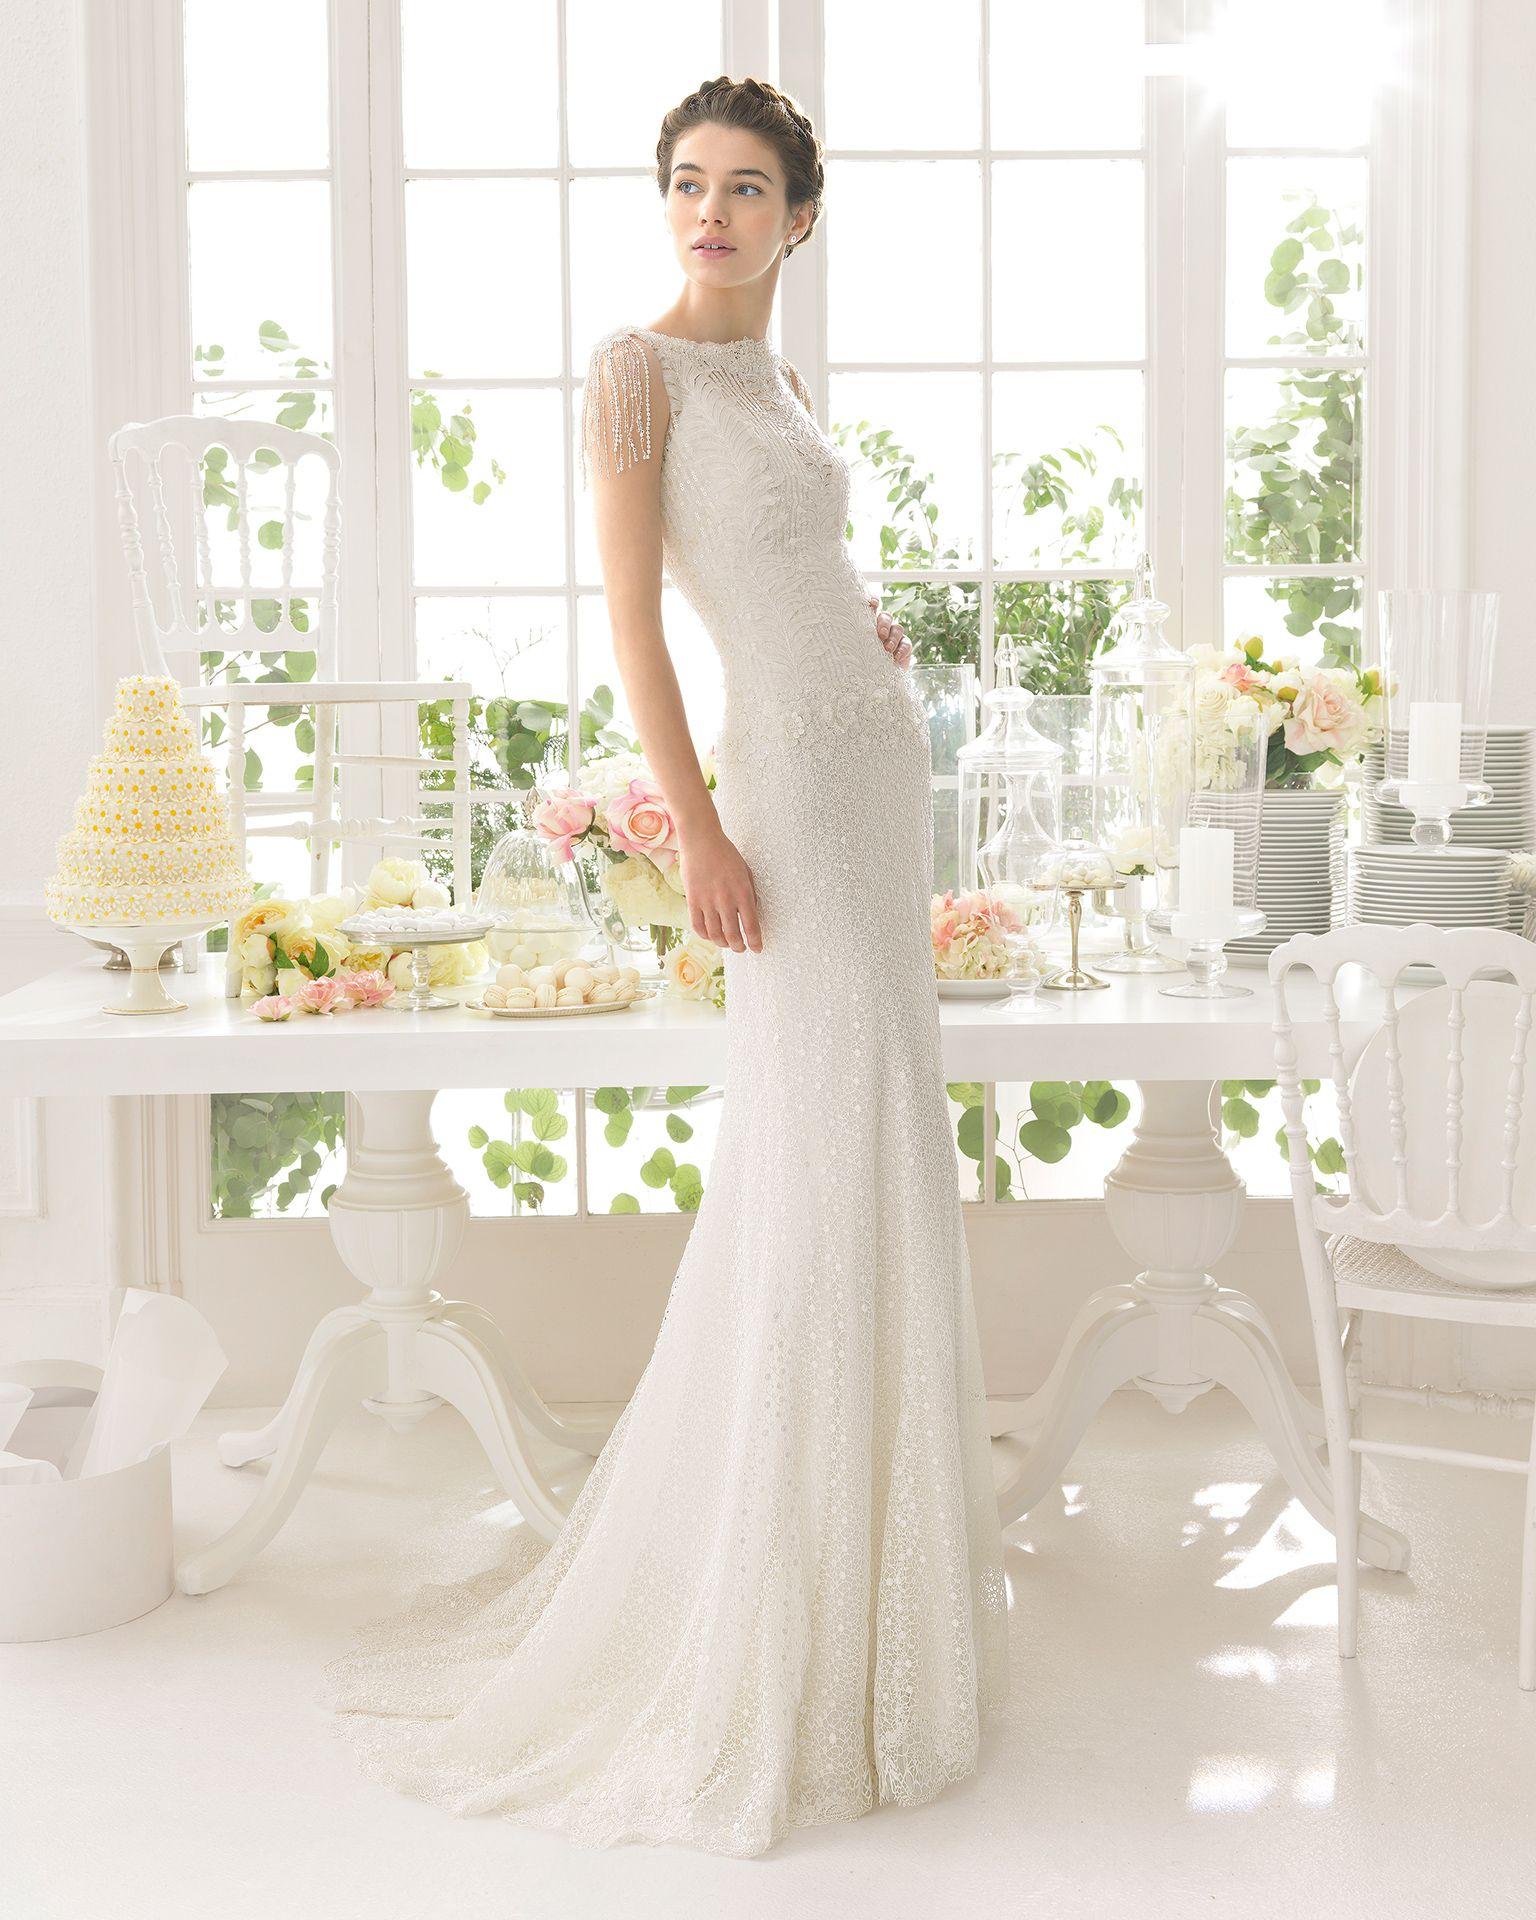 Aire barcelona wedding dresses  Brudekjole Ador med lille ærme af perler Dertil havfruefacon og